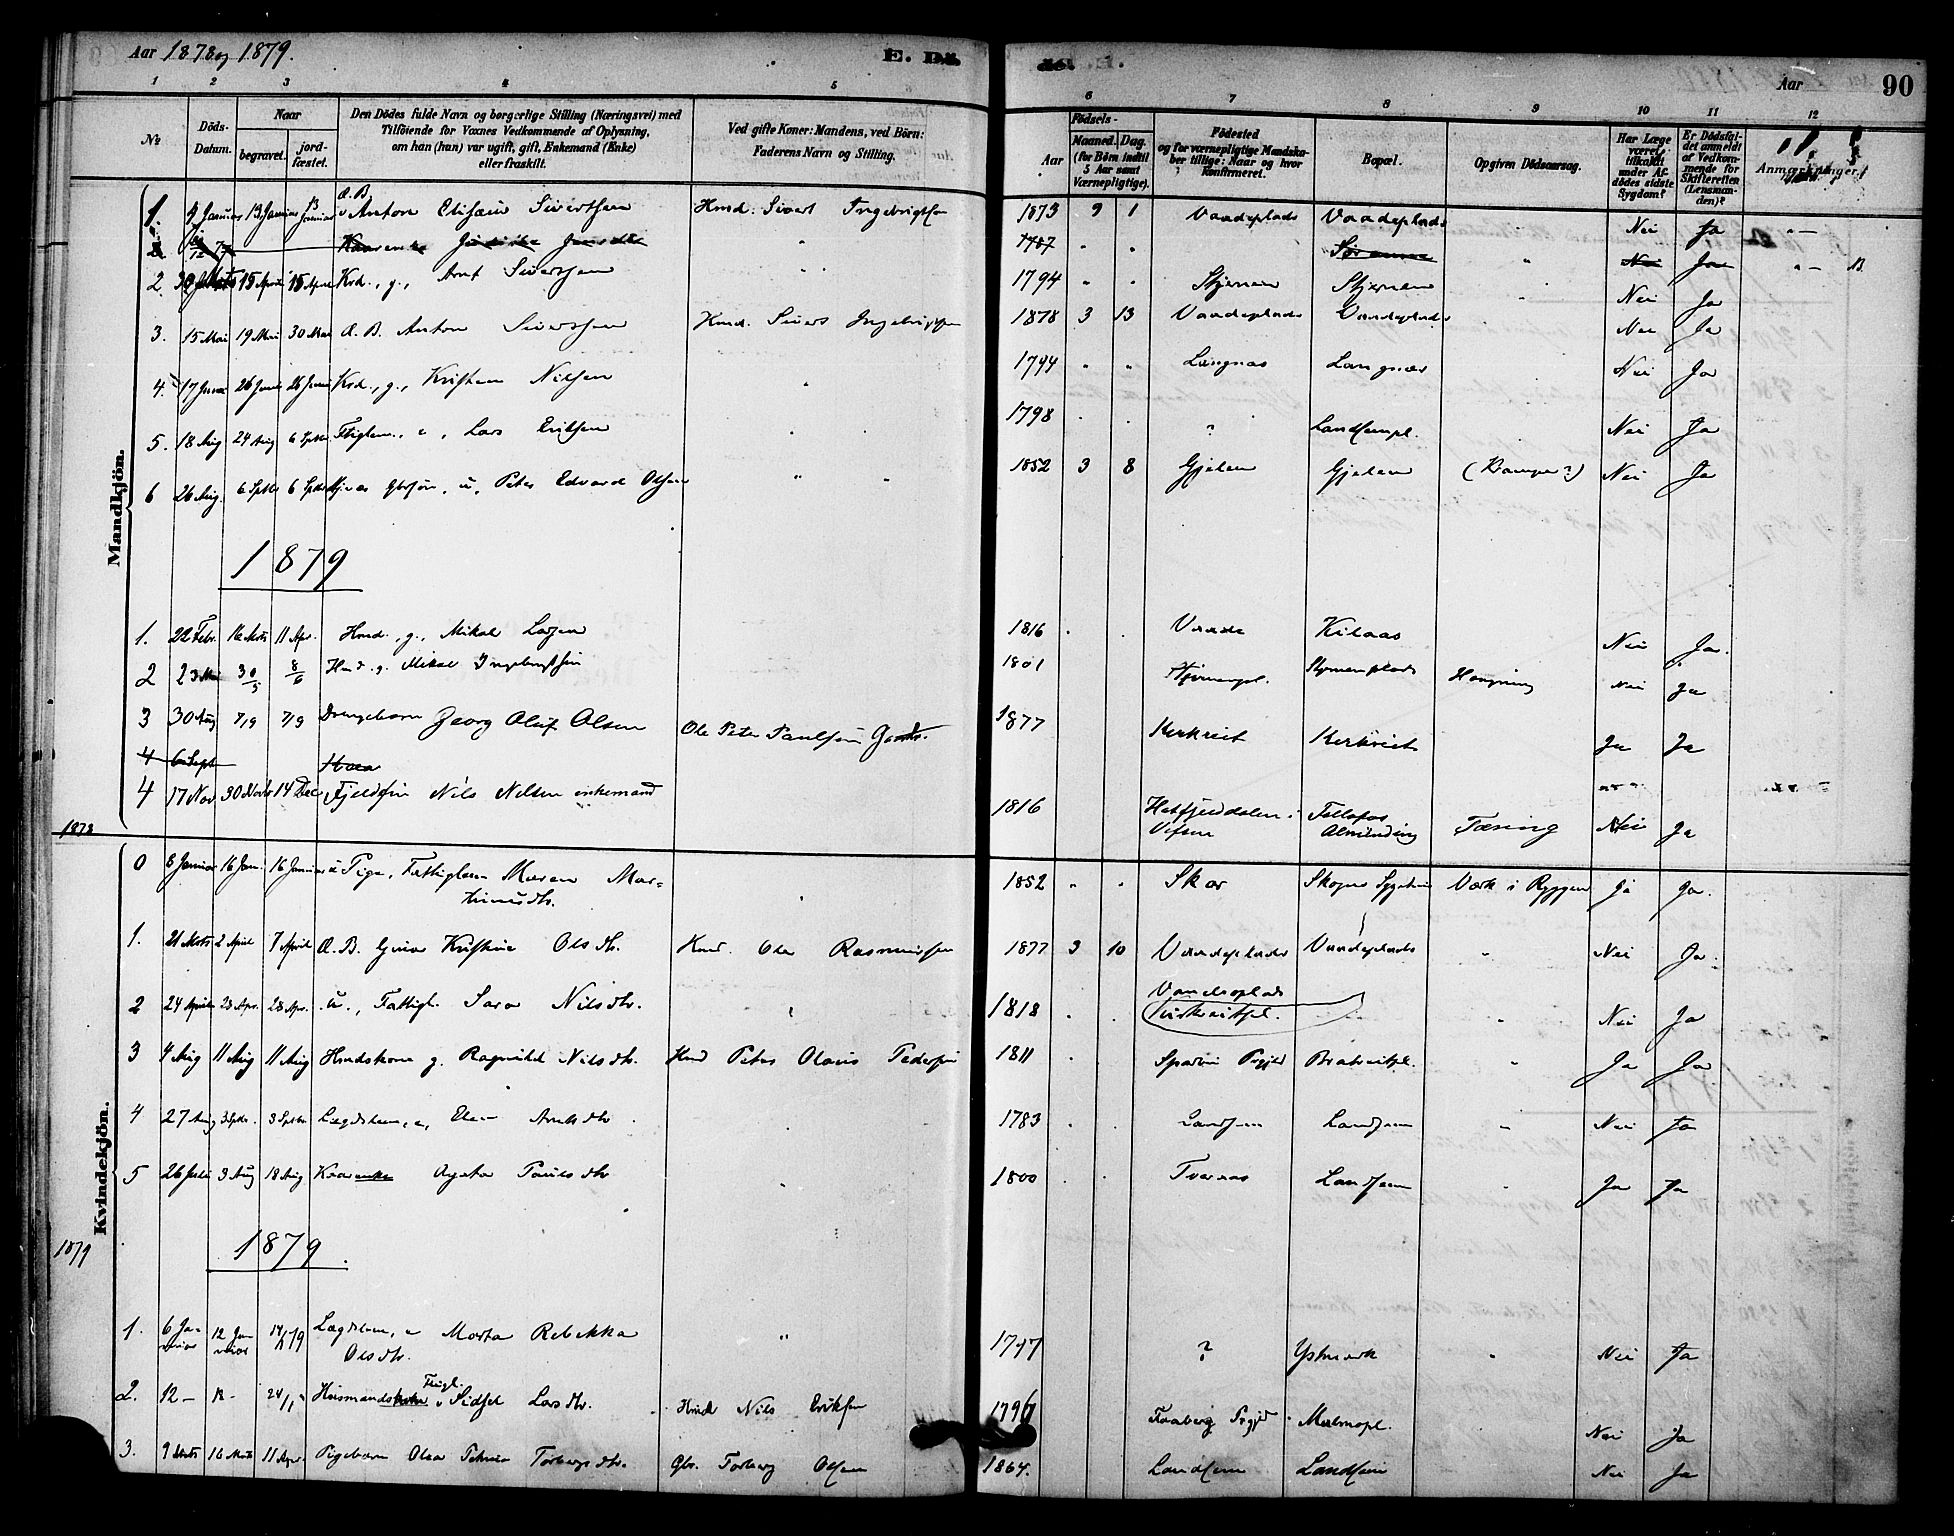 SAT, Ministerialprotokoller, klokkerbøker og fødselsregistre - Nord-Trøndelag, 745/L0429: Ministerialbok nr. 745A01, 1878-1894, s. 90